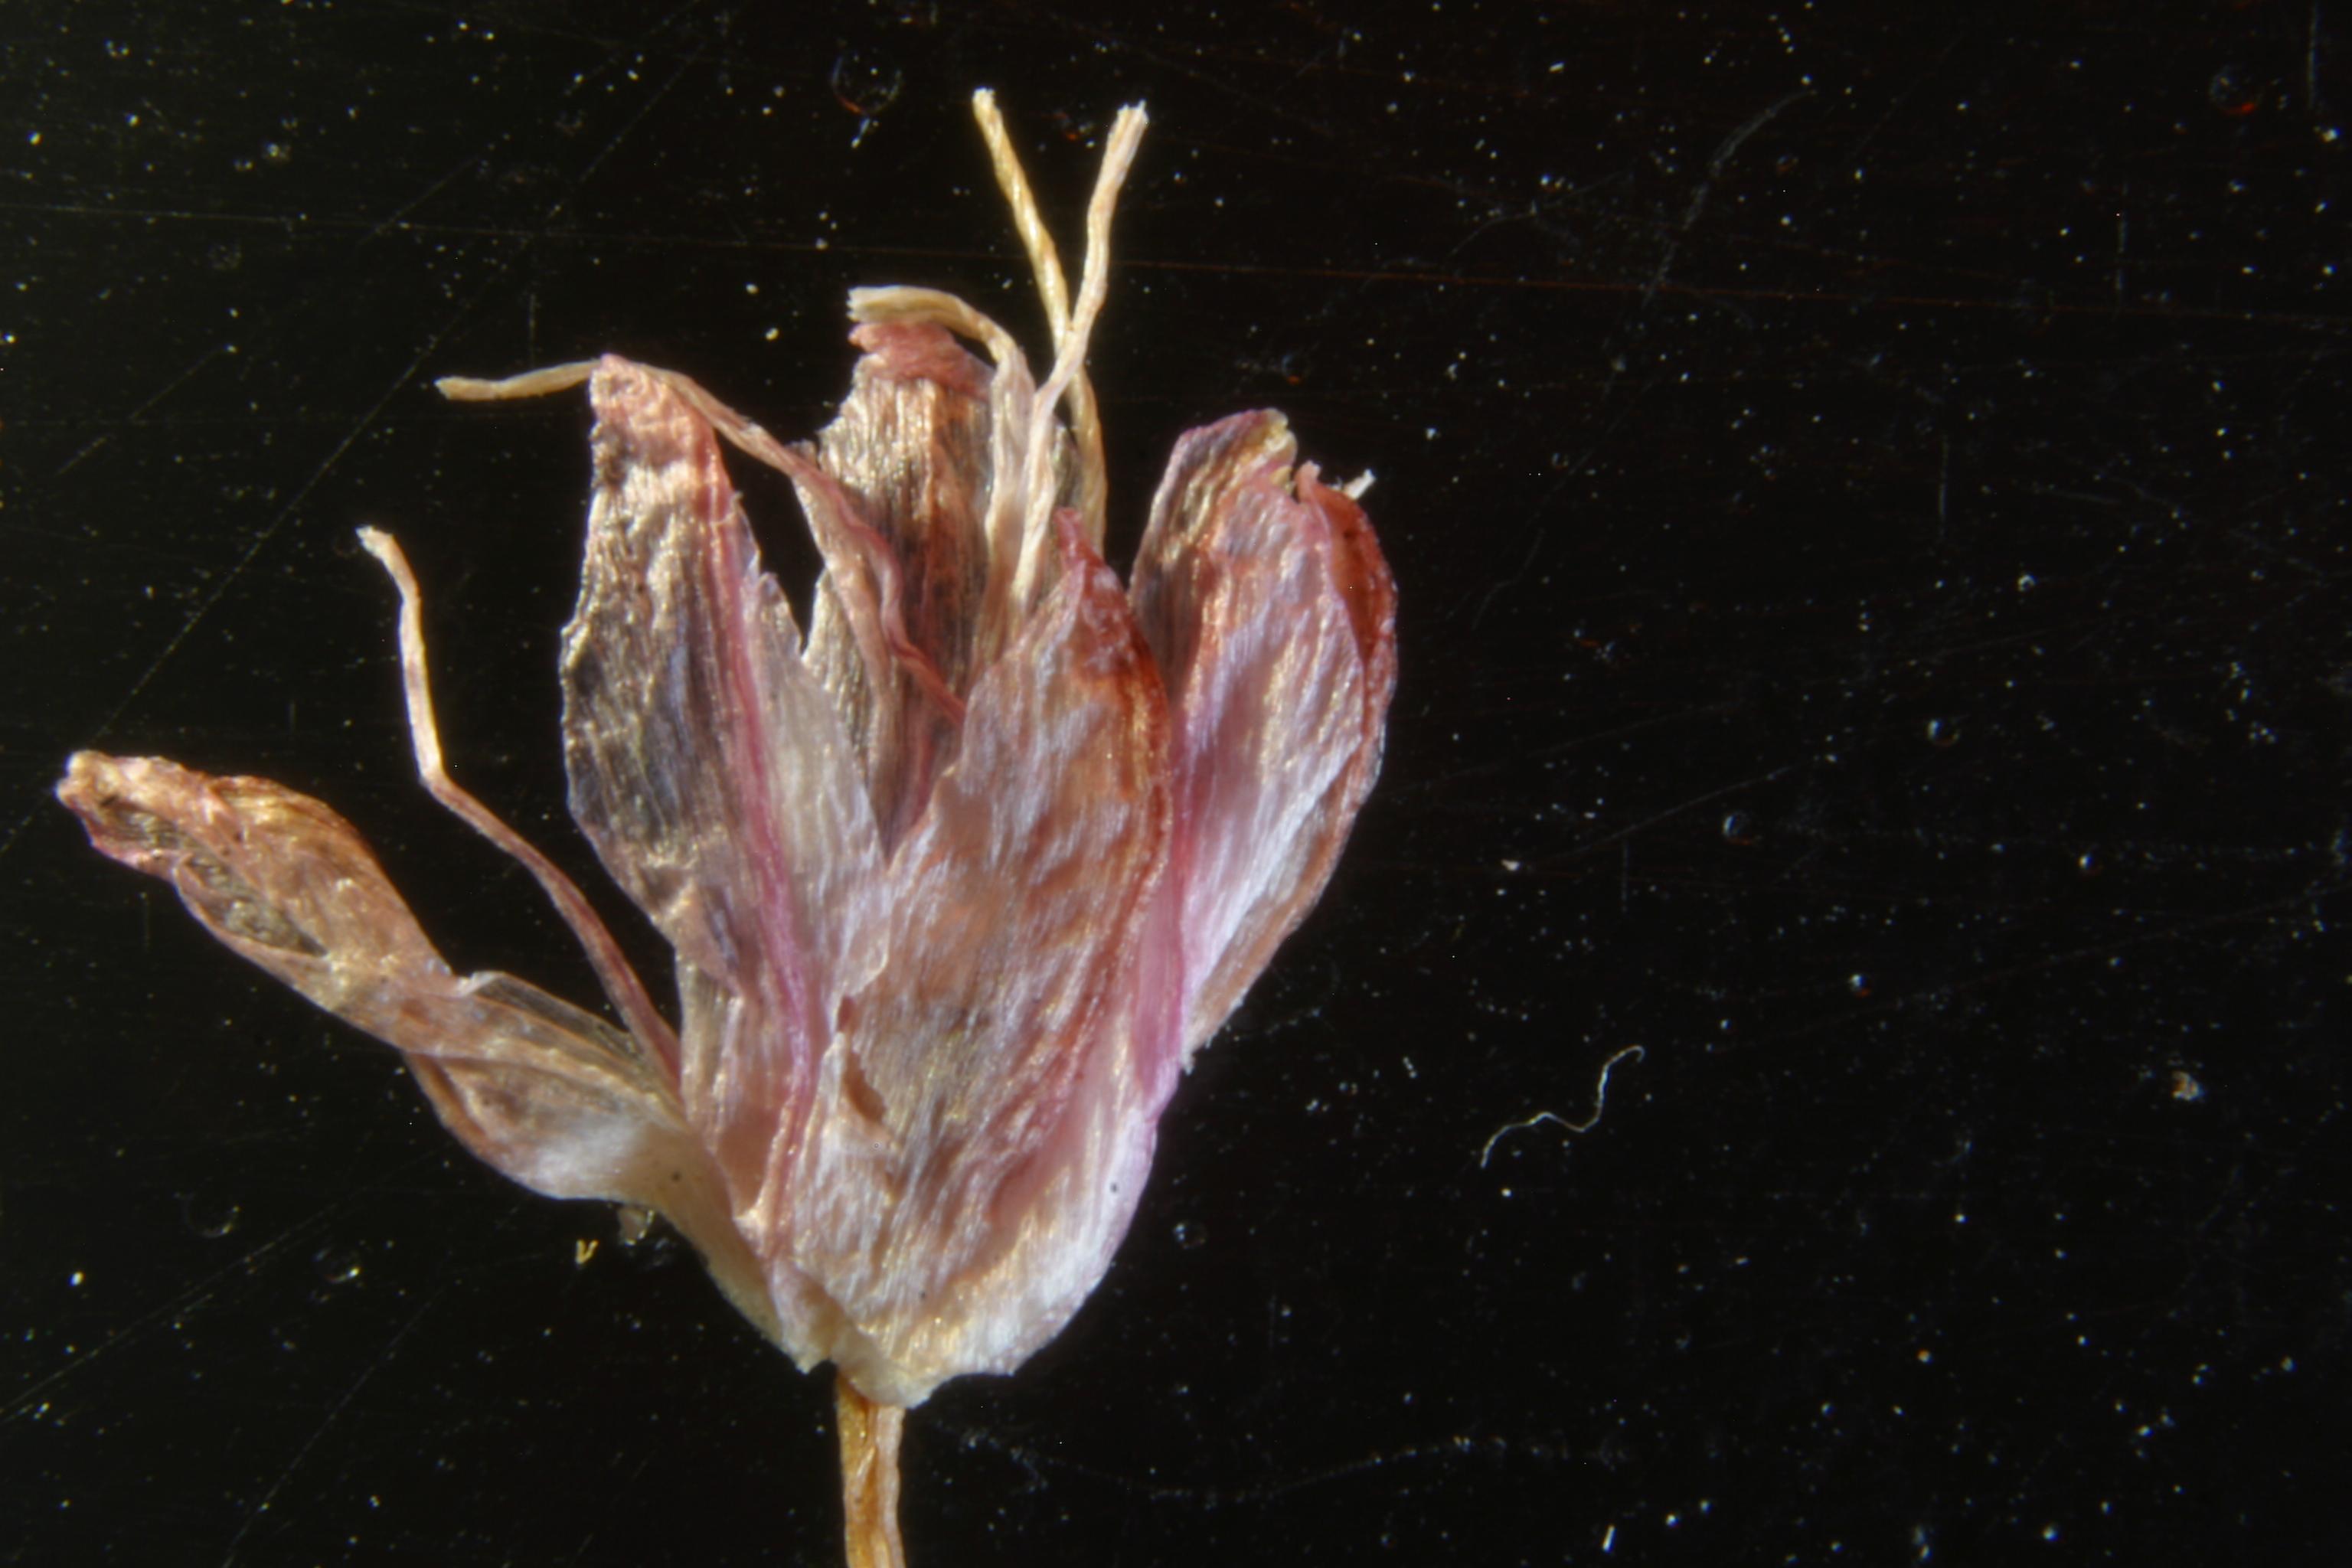 view image: Allium splendens Willd. ex Schult. et Schult.fil.